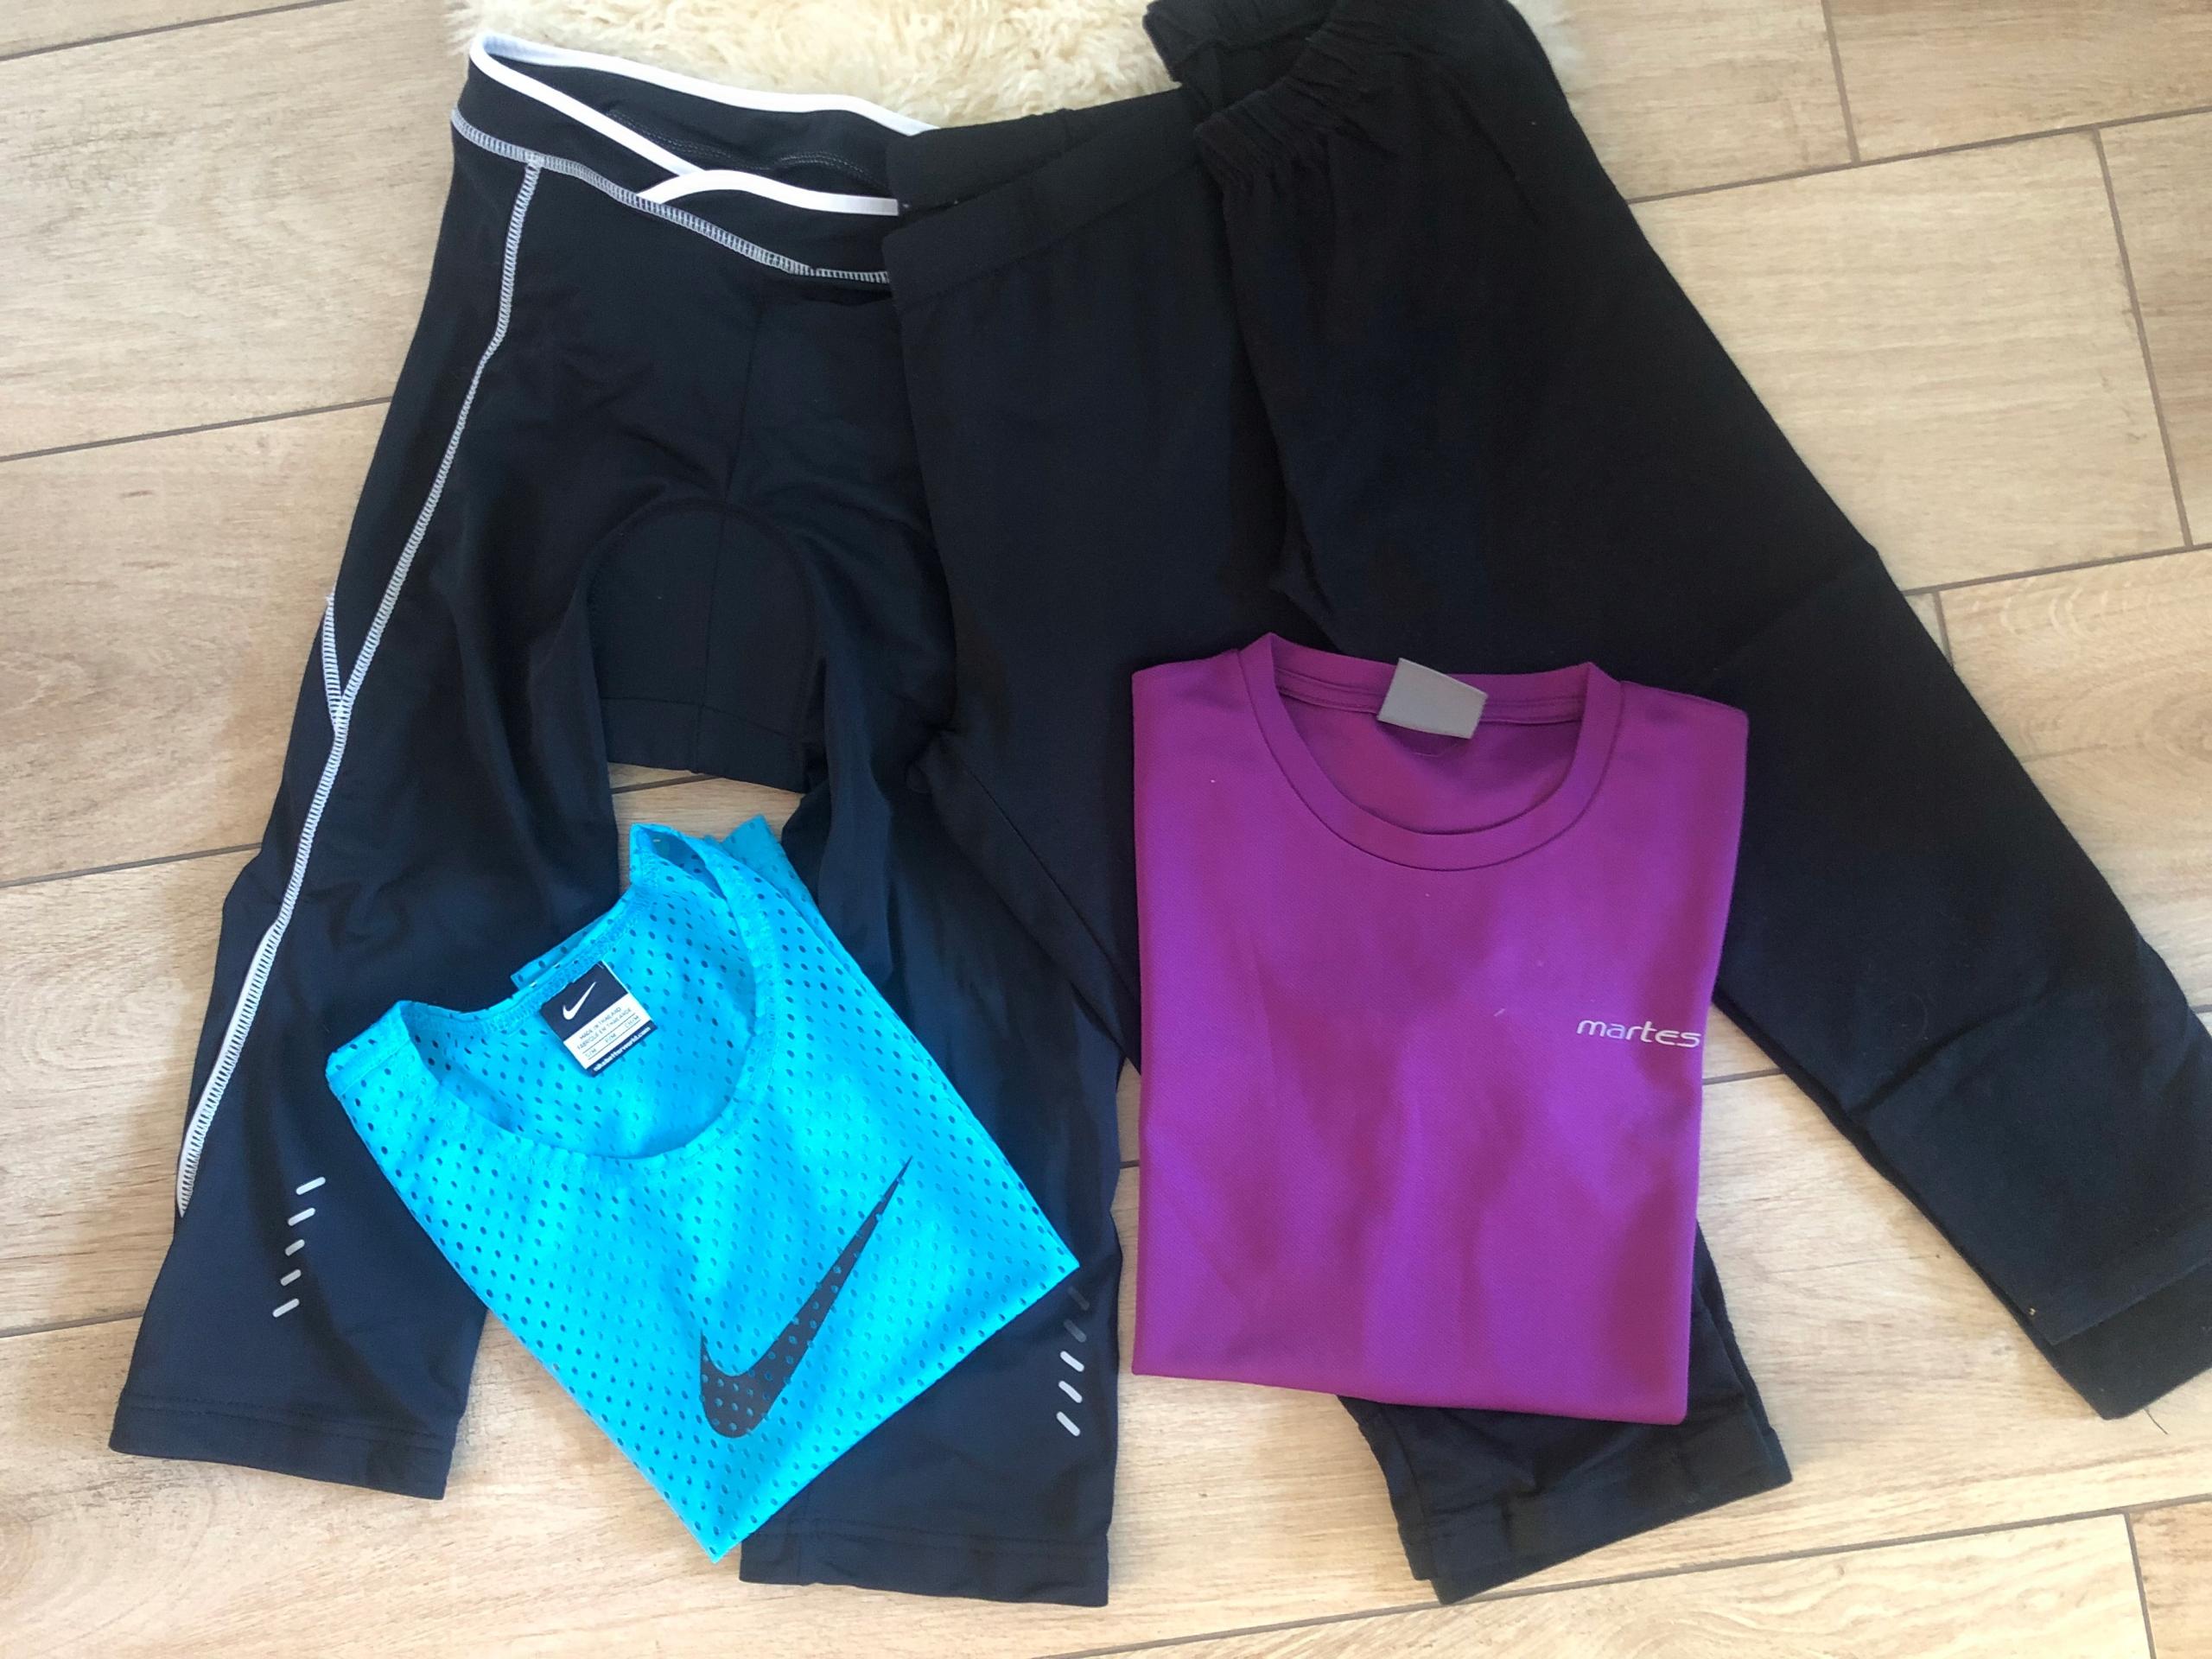 Spodnie sportowe, rowerowe i inne S/M